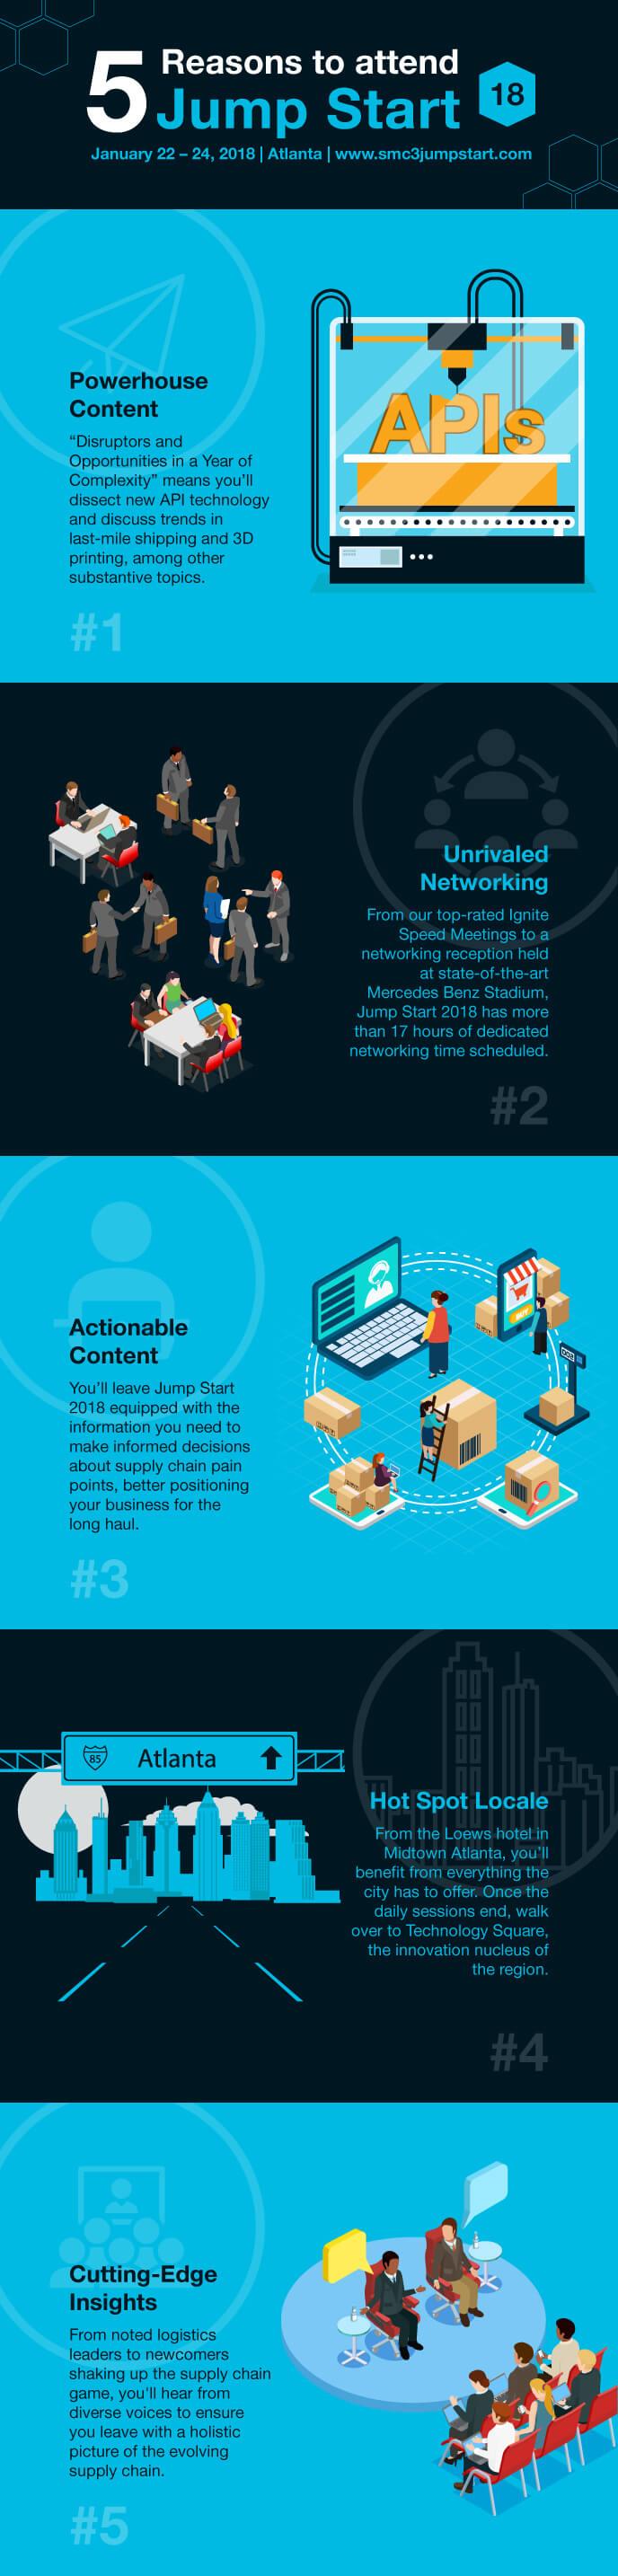 SMC3_JumpStart_Infographic